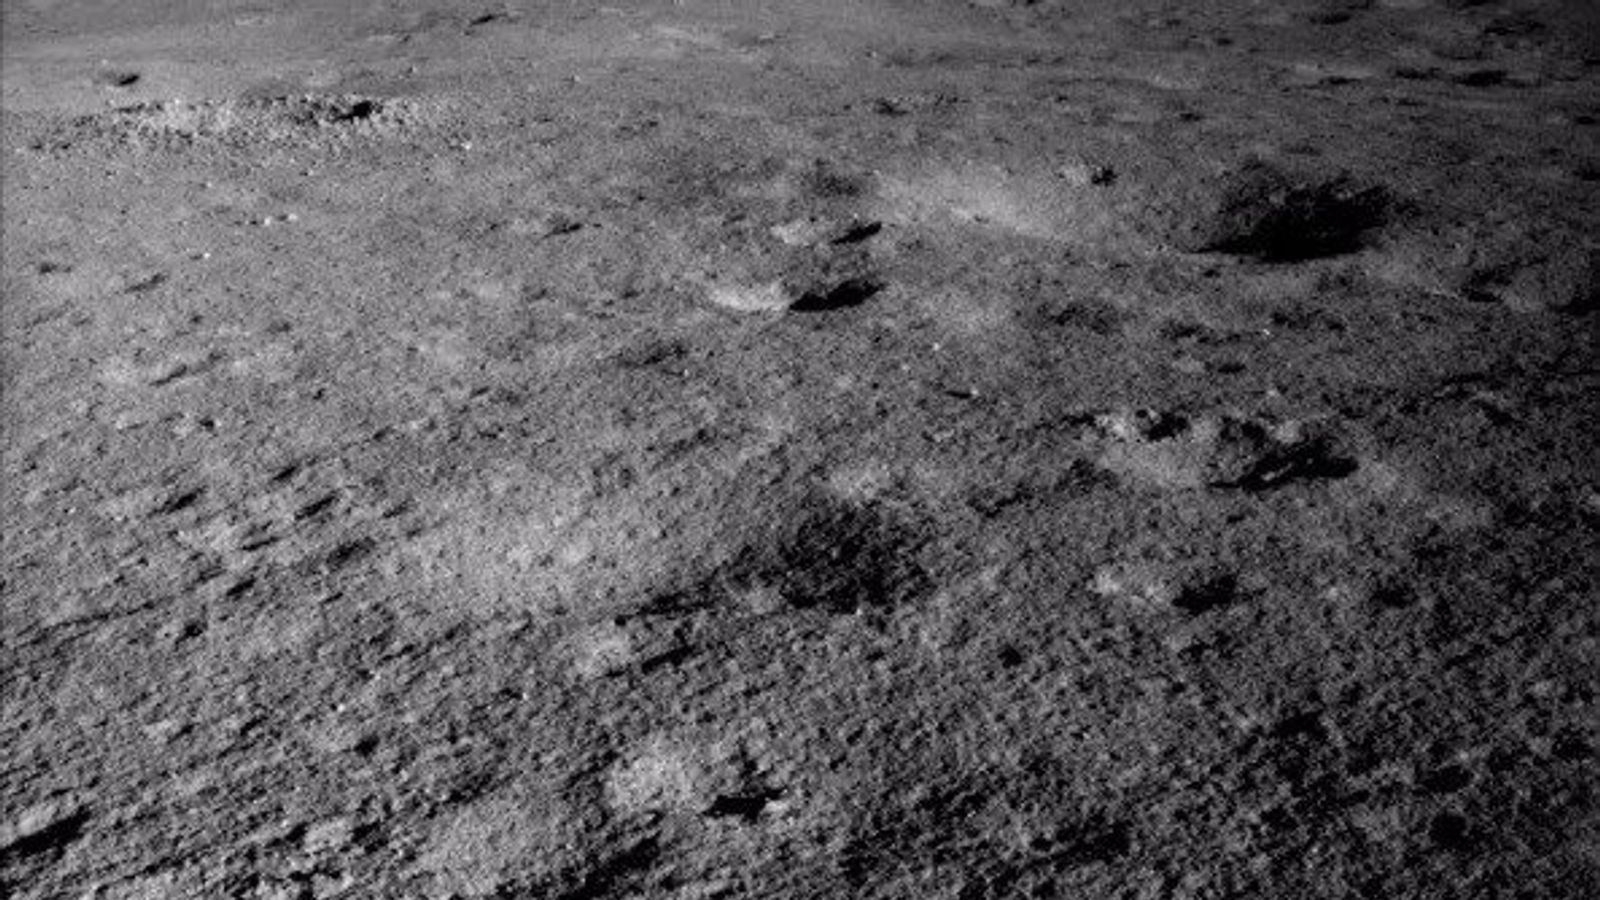 Robot Penjelajah China Temukan Zat 'Seperti Gel' di Sisi Gelap Bulan